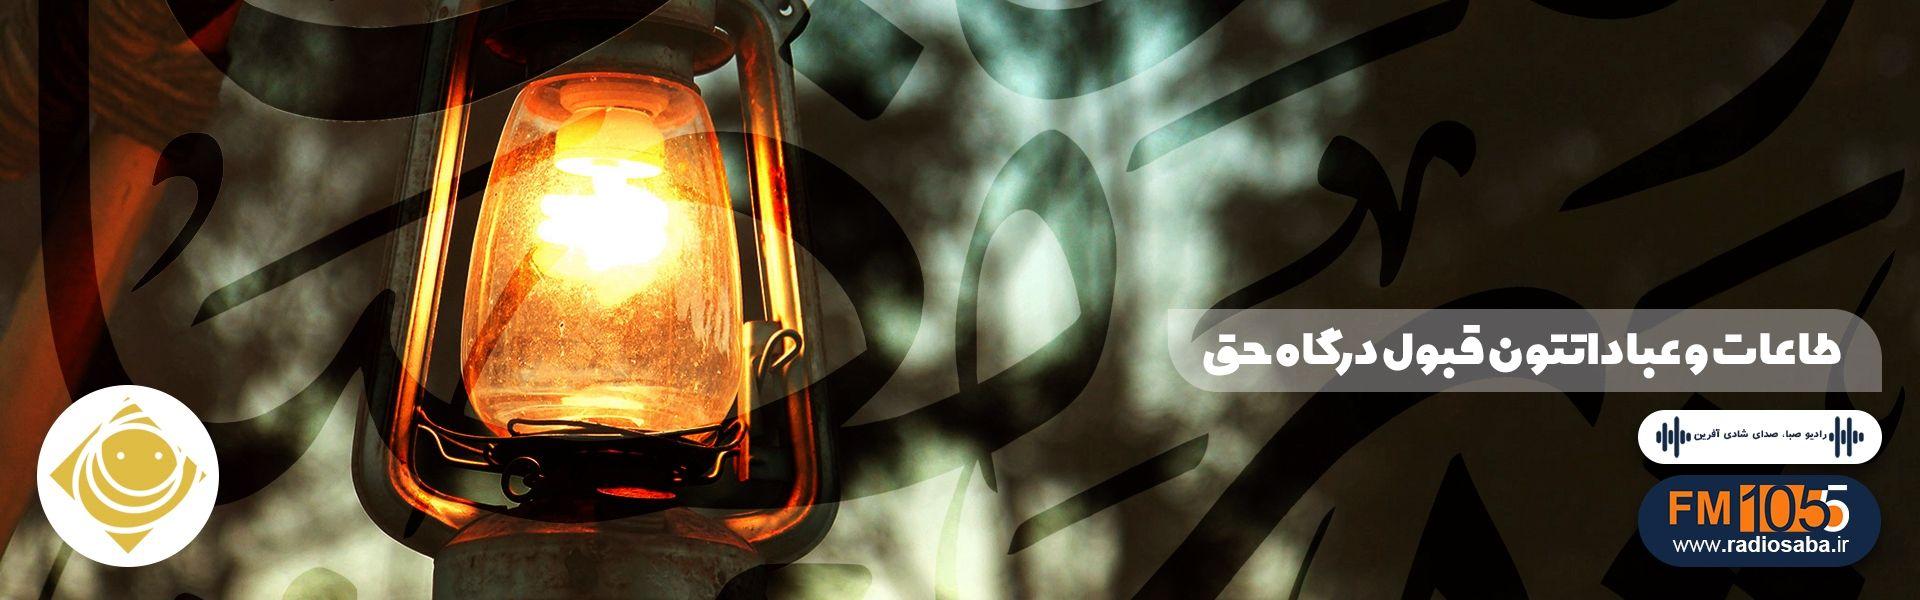 حلول ماه مبارك رمضان بر تمام مسلمین جهان تهنیت باد